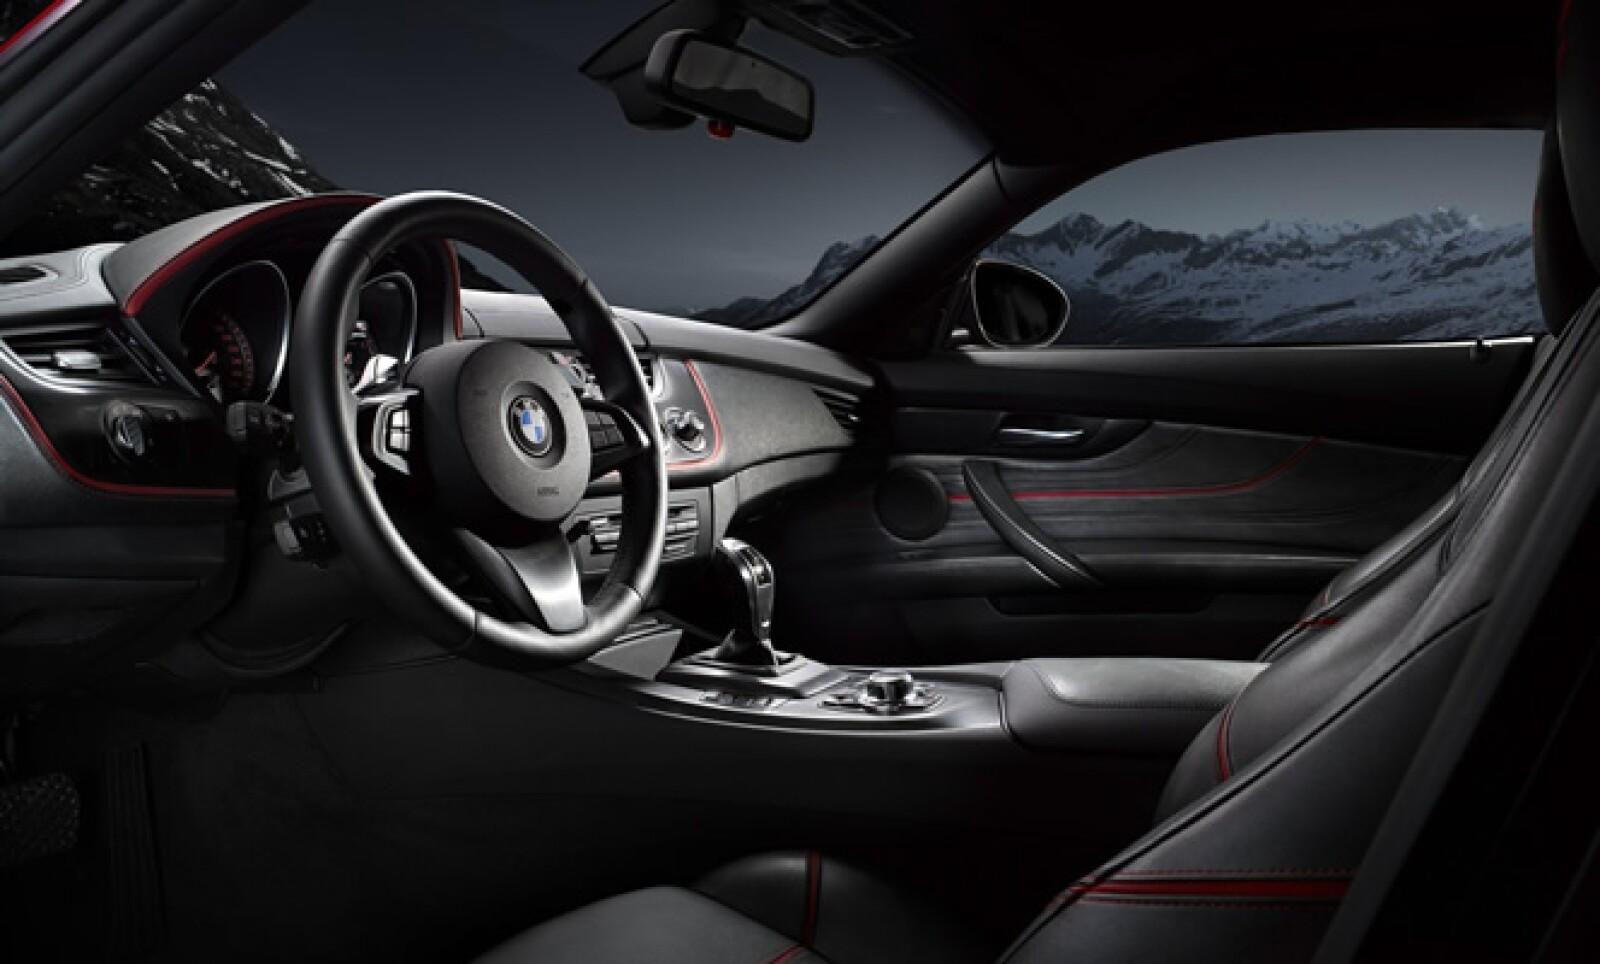 El interior presenta una disposición y estilo típicos de la marca alemana pero con un plus de refinamiento impuesto con mejores materiales y terminaciones.